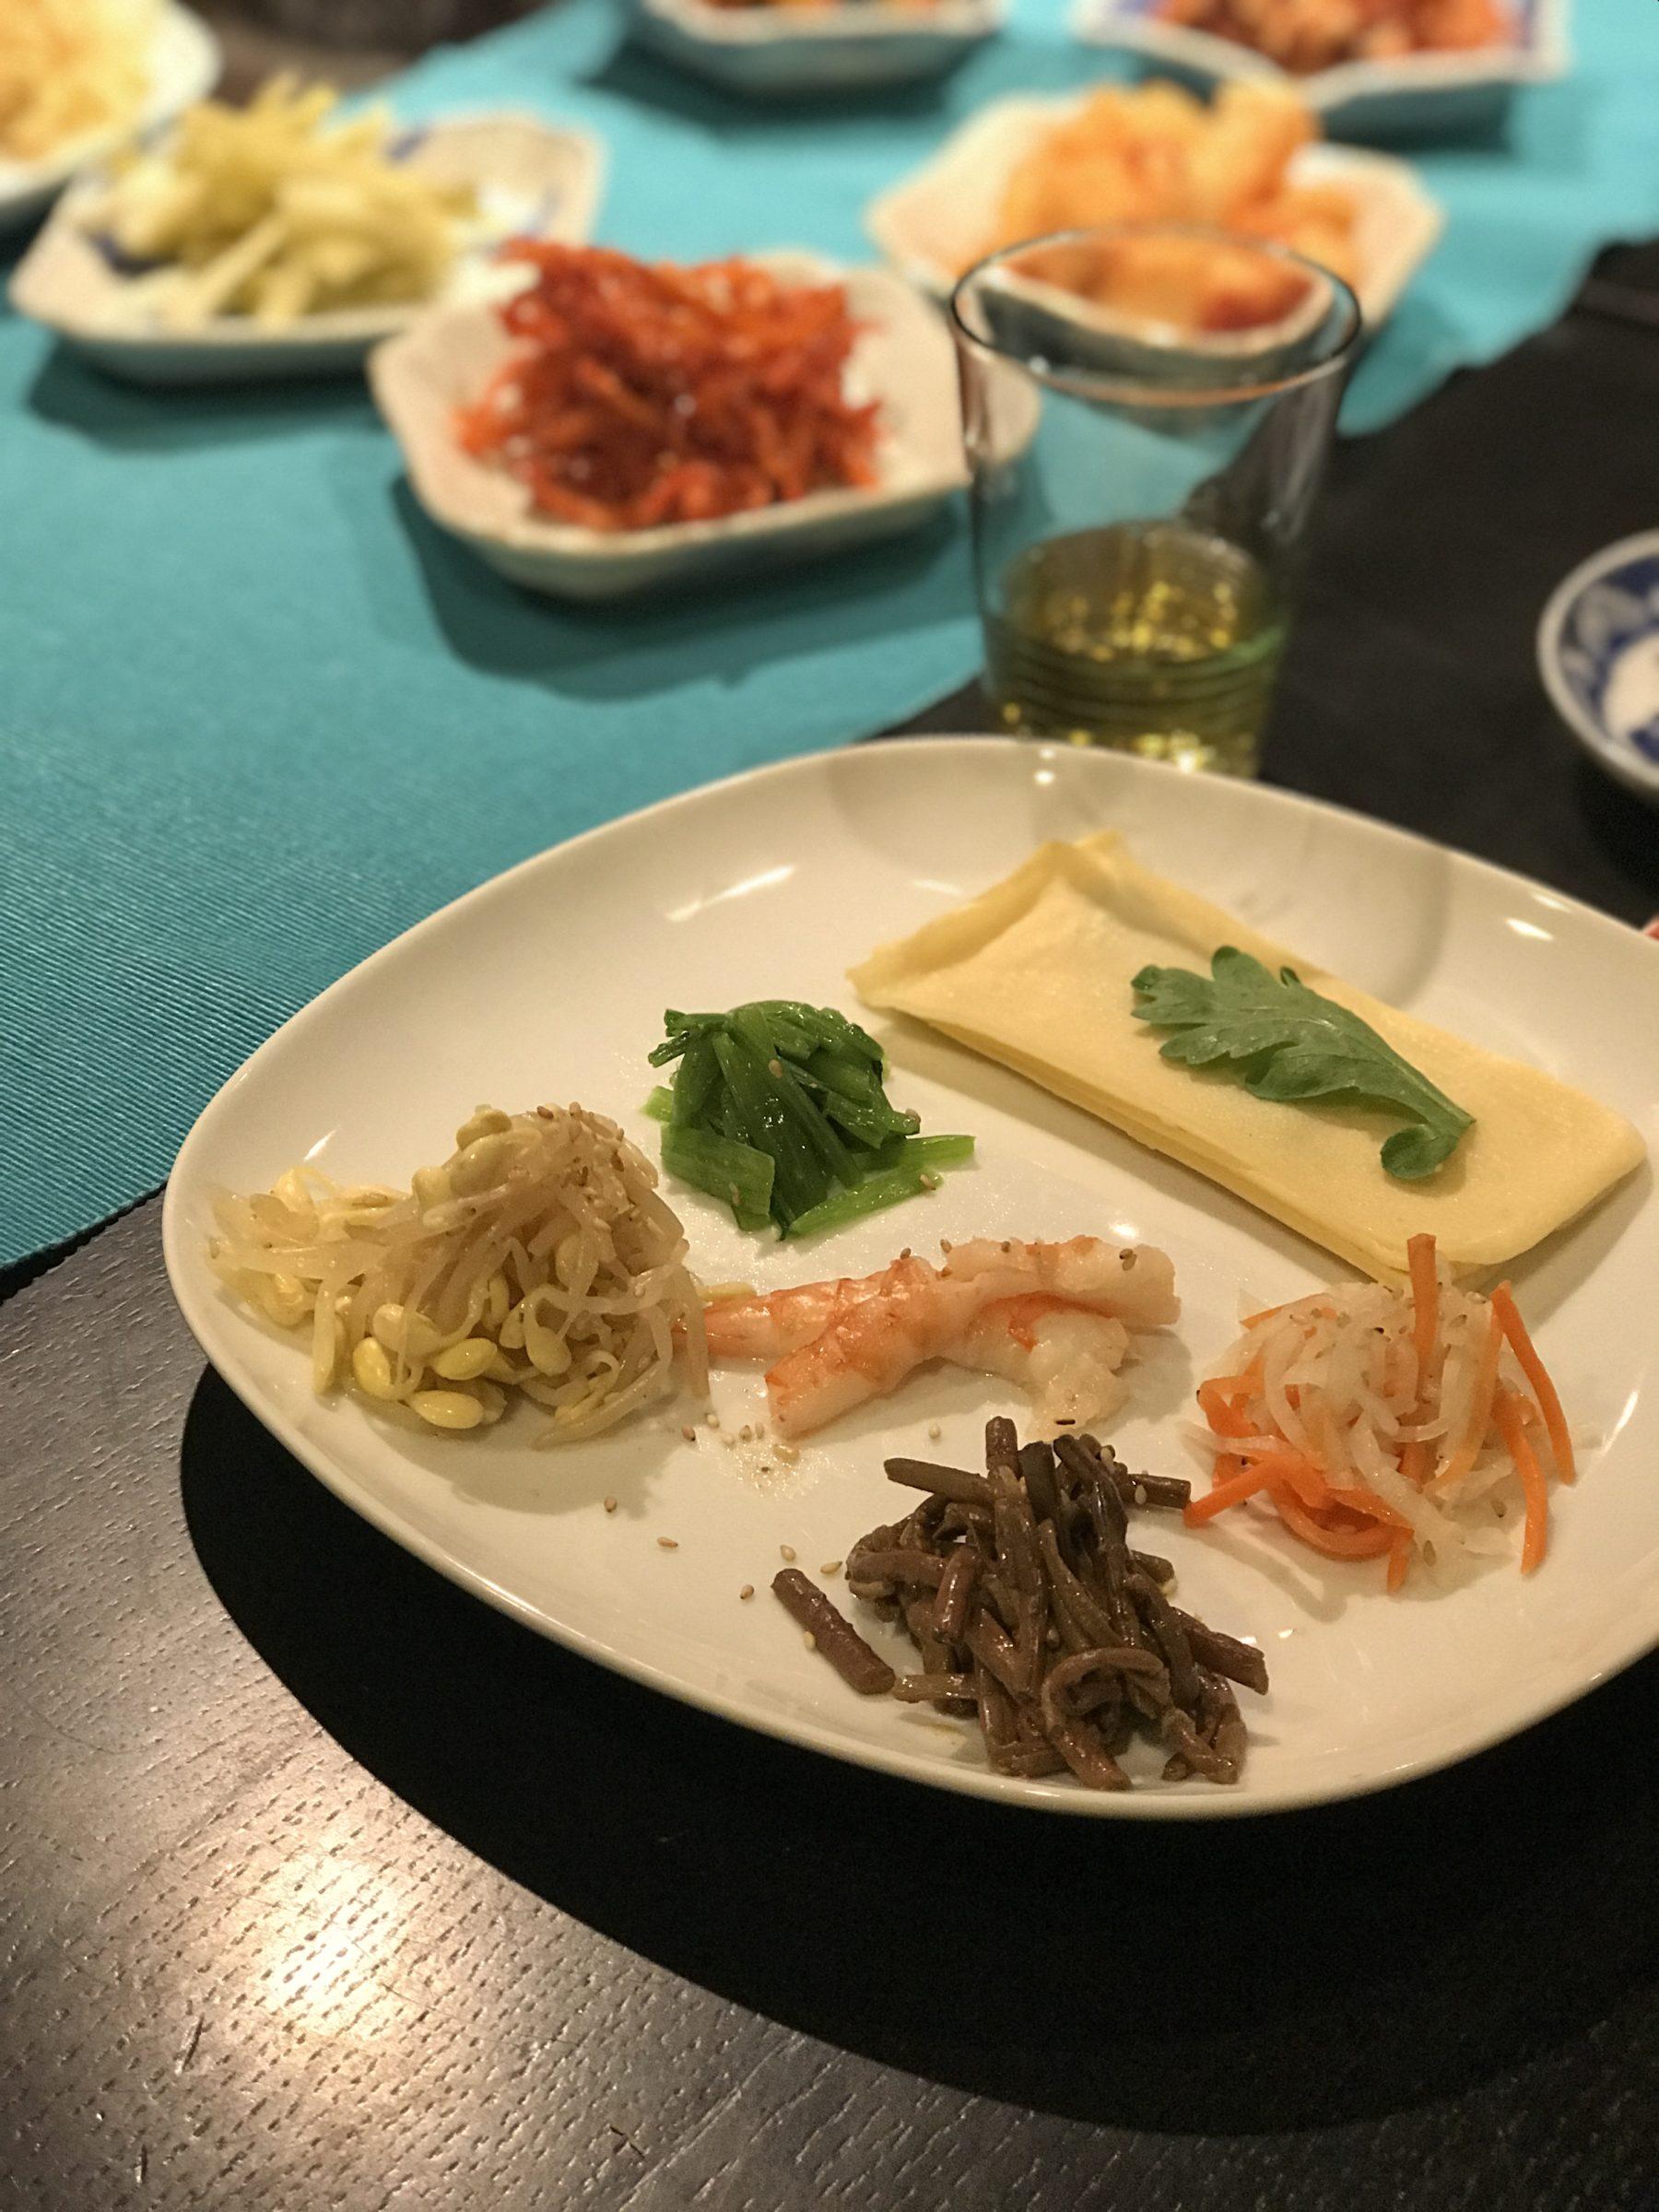 韓国宮廷料理はらはち 刻家 きものと舞う 忘年会